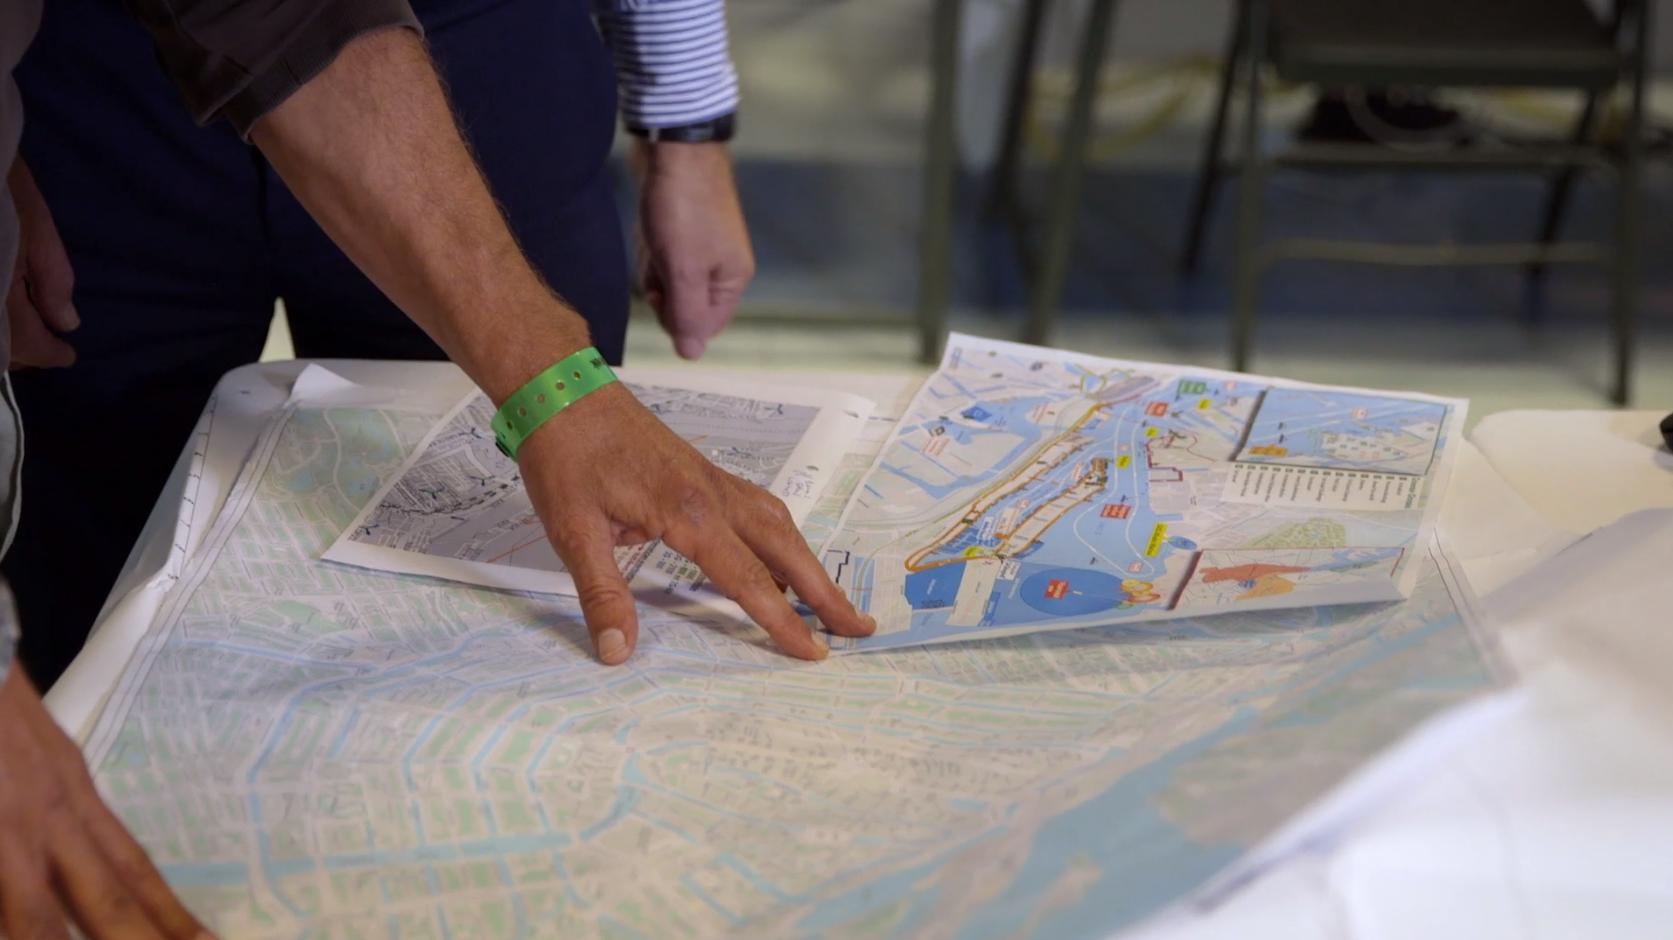 Twee handen die een kaart van de stad Amsterdam op een tafel vasthouden